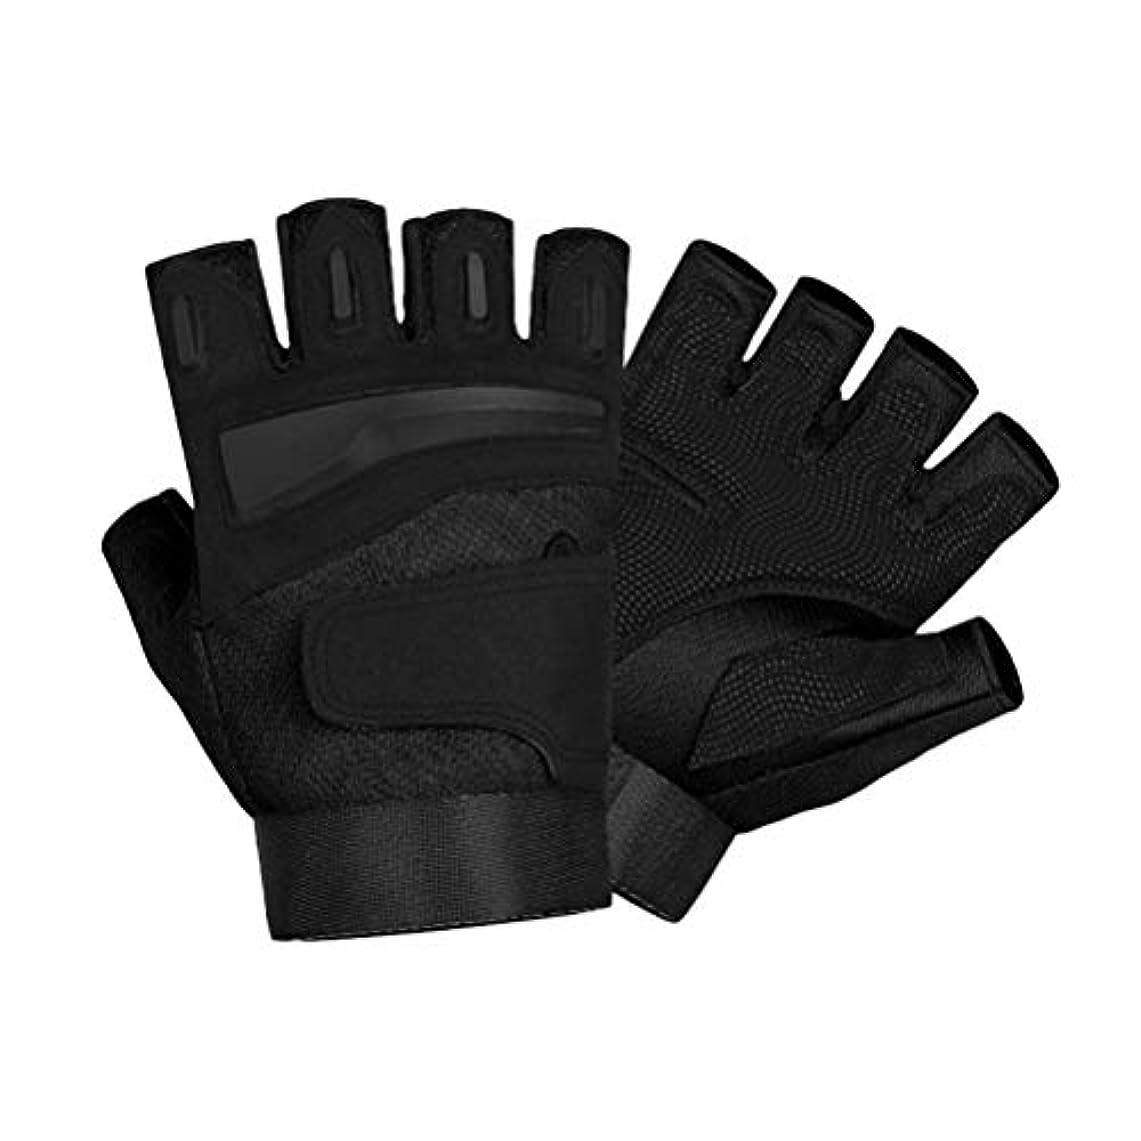 テレックス情熱的冷笑するLIOOBO ハーフフィンガーグローブ指なしパッド入りグローブ滑り止め耐衝撃性通気性グローブ(ジムワークアウト用)アウトドアサイクリング用(ブラック/L)